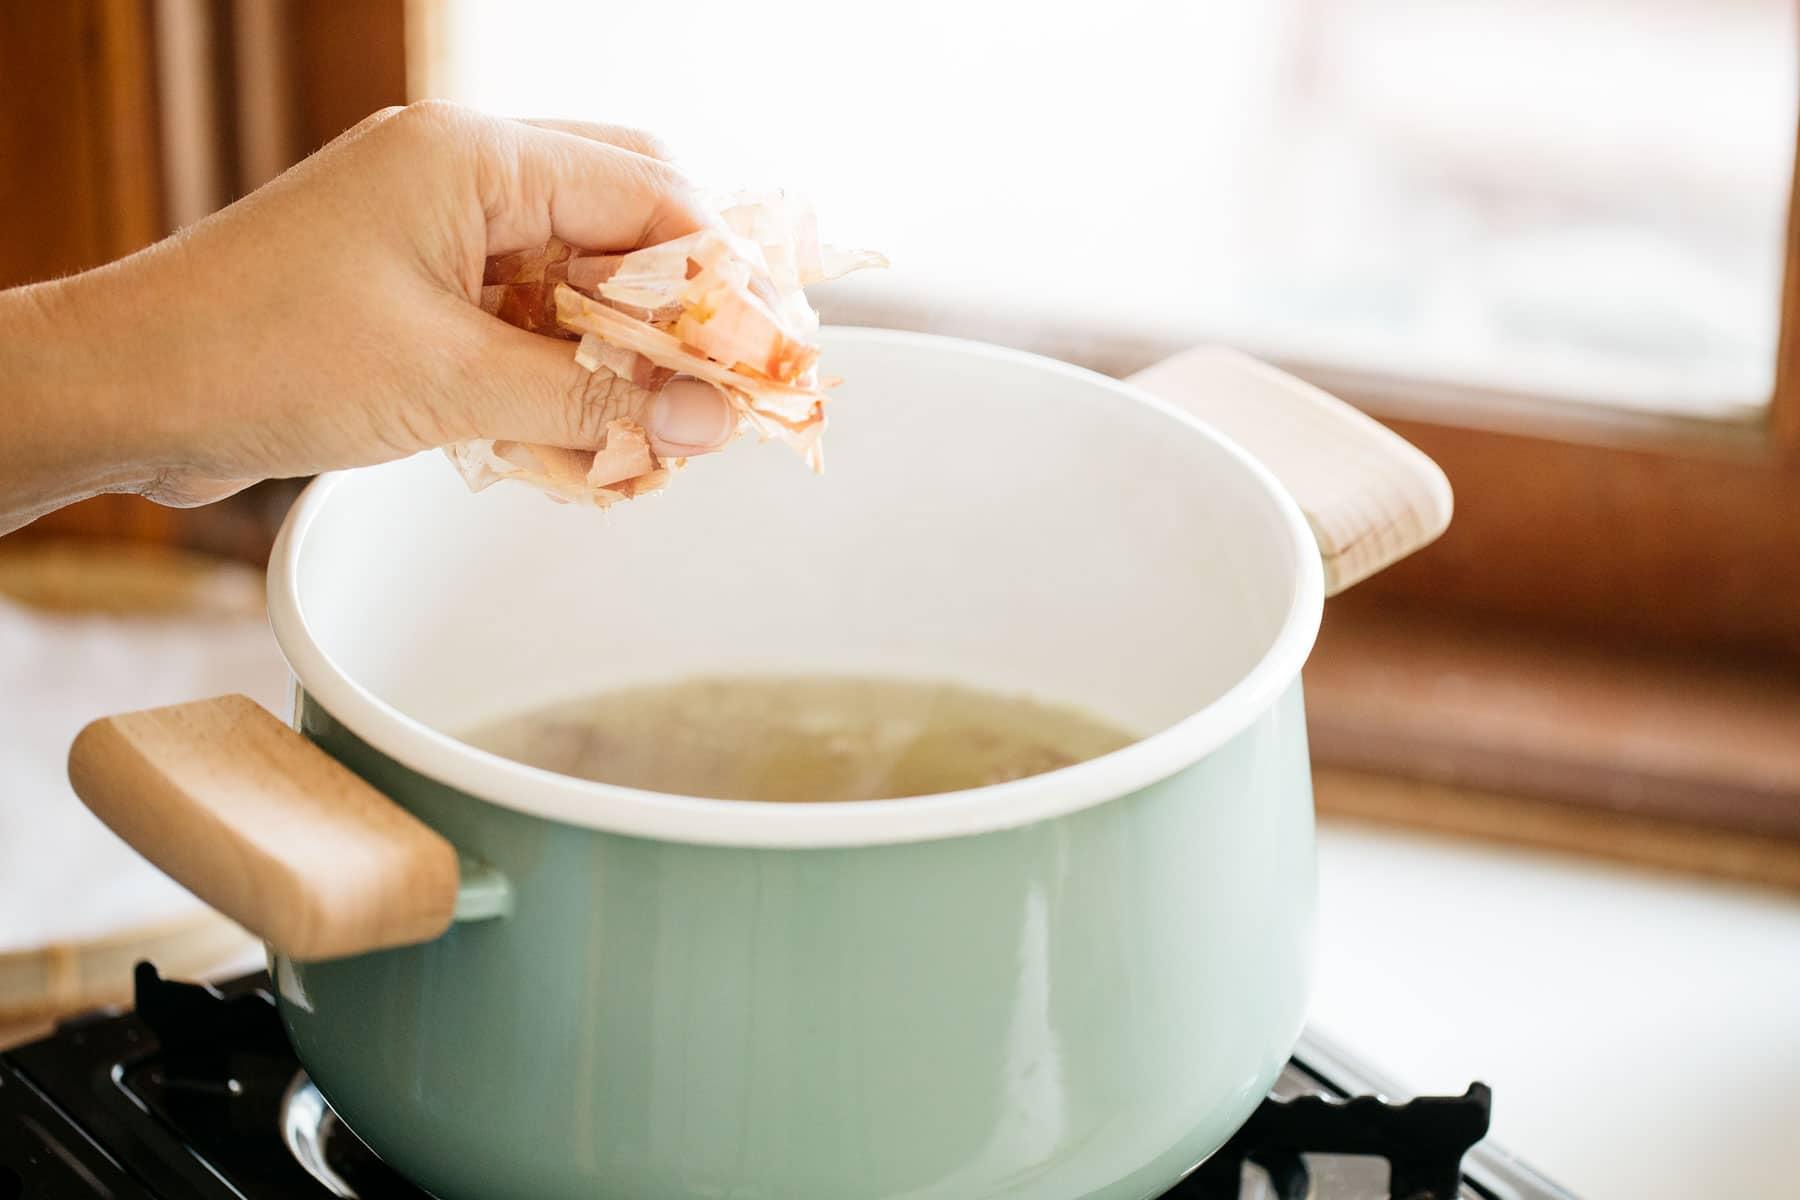 making dashi stock from bonito flake